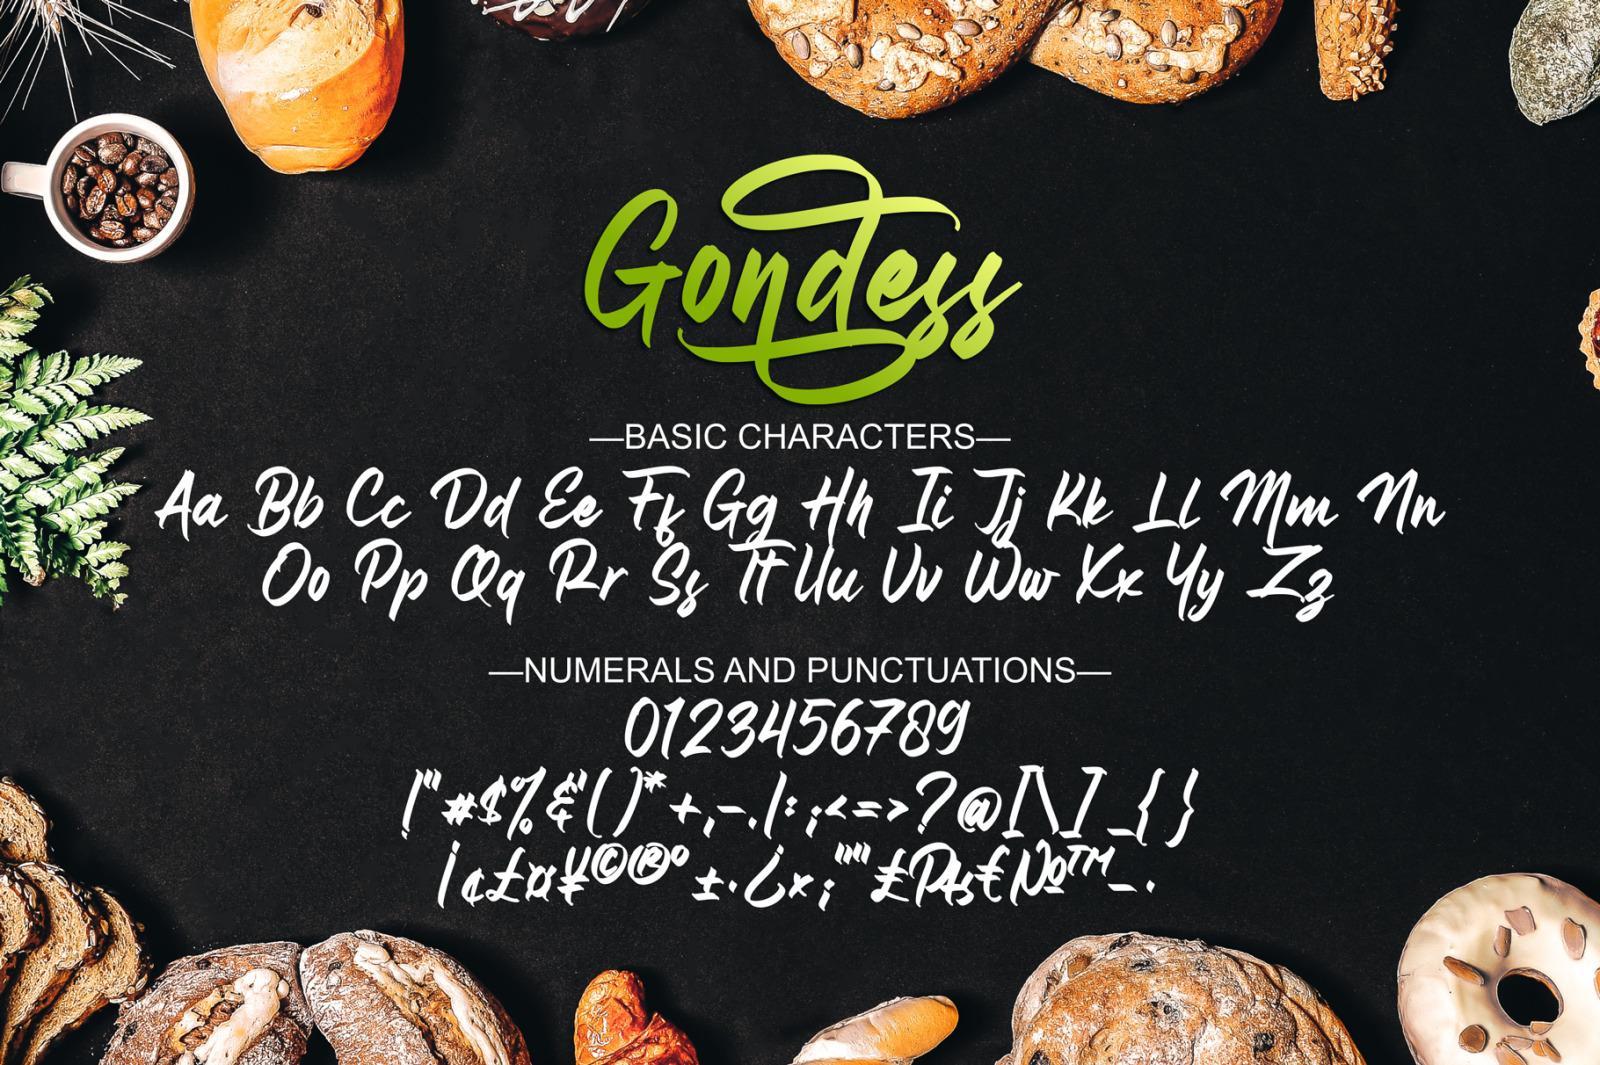 Gondess - Handwritten Script Font